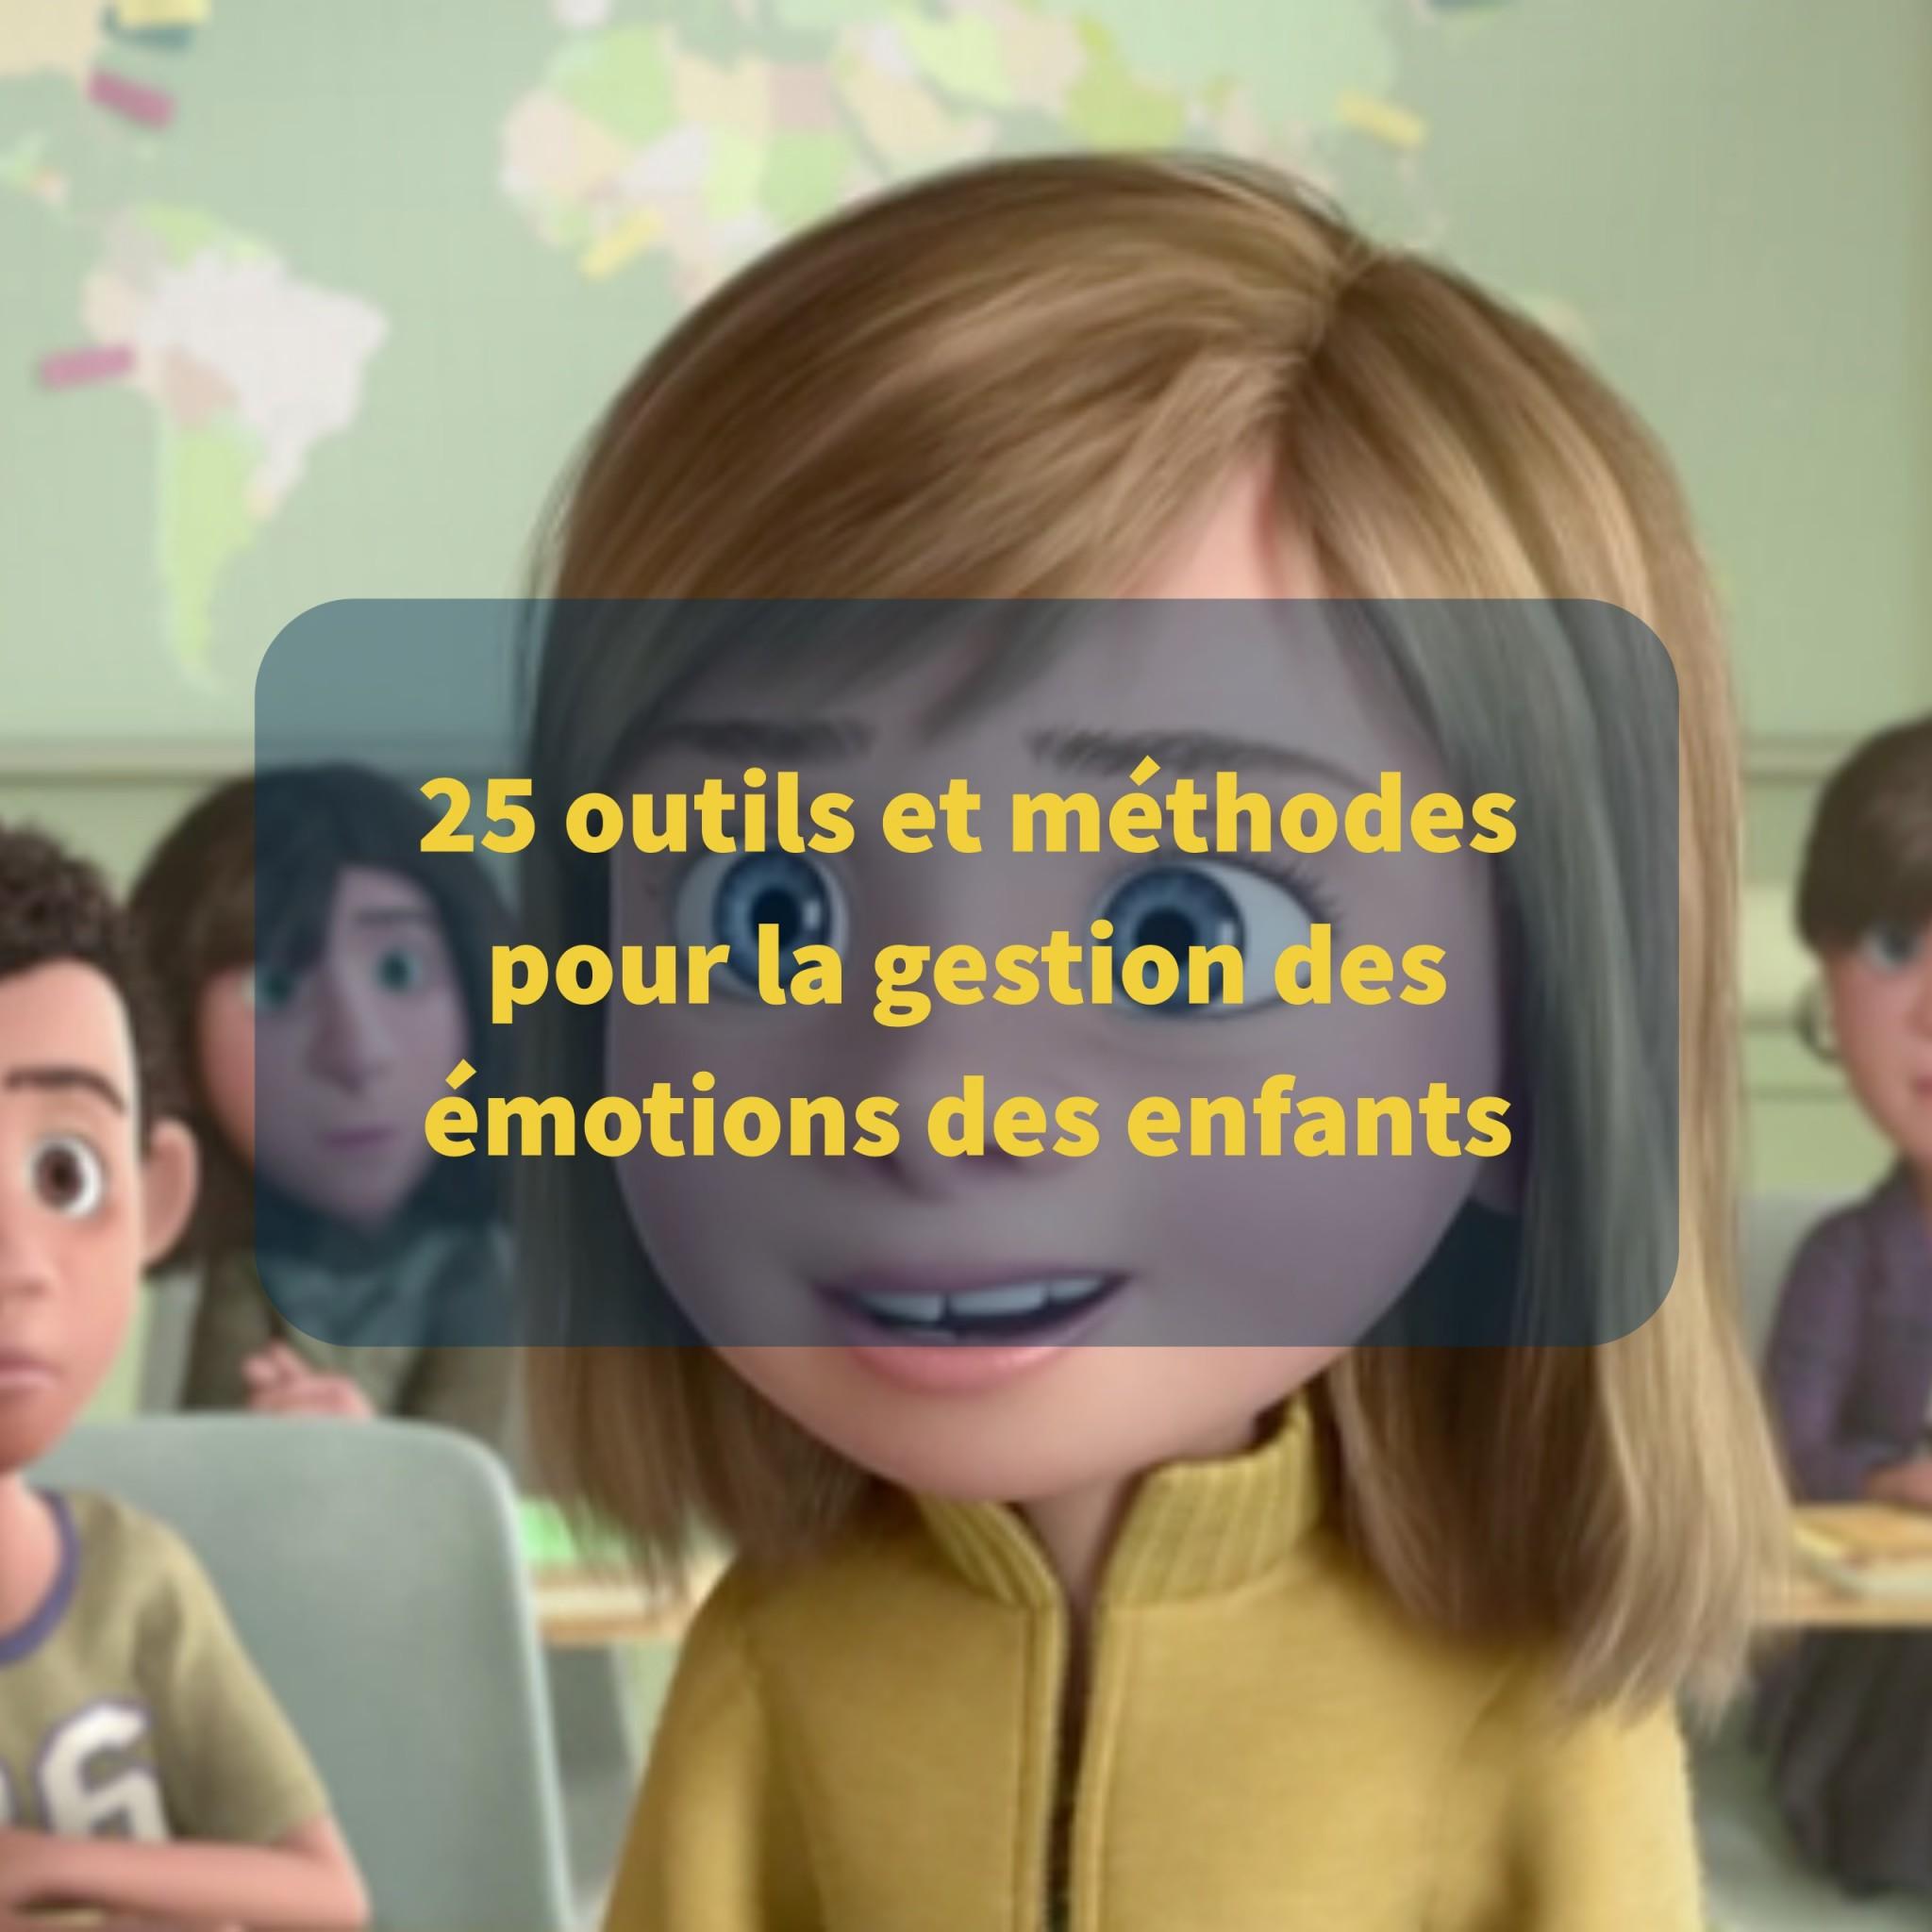 25-outils-et-methodes-emotions-enfants